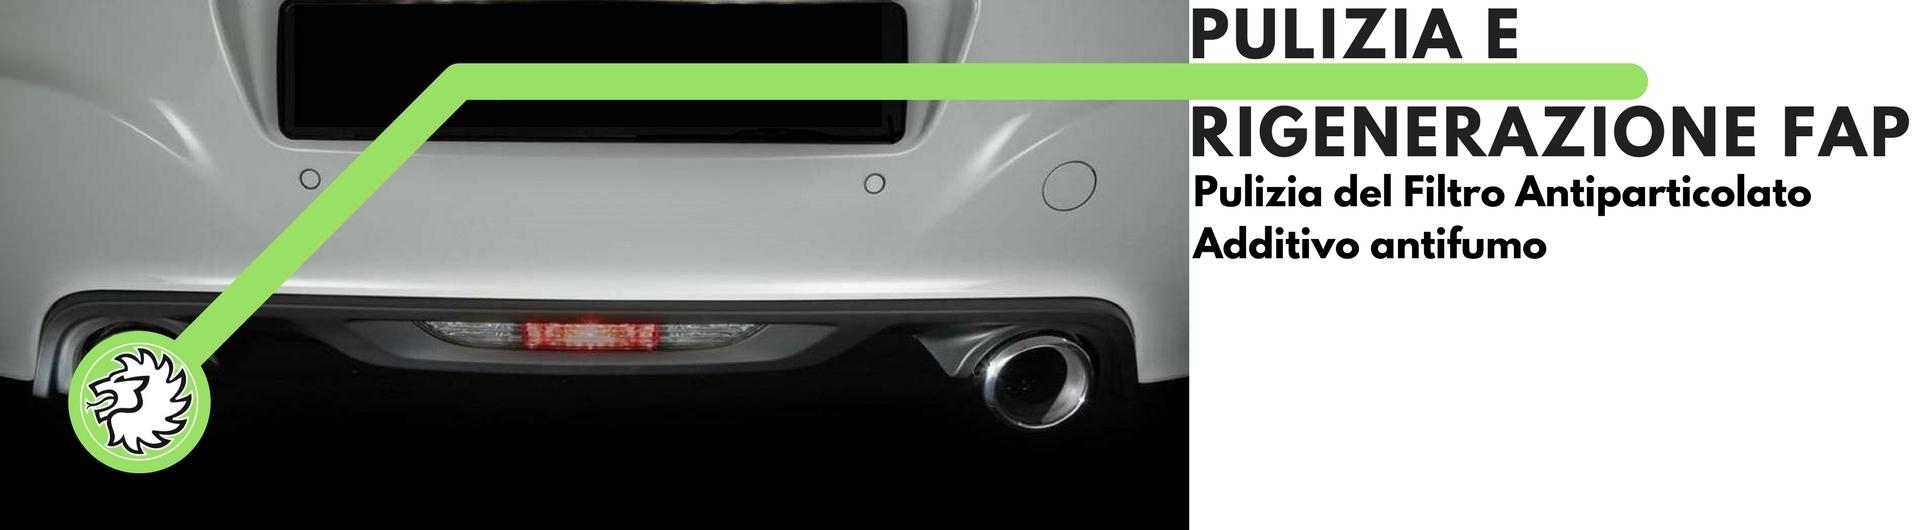 Additivo pulizia filtro antiparticolato FAP antifumo per motori diesel